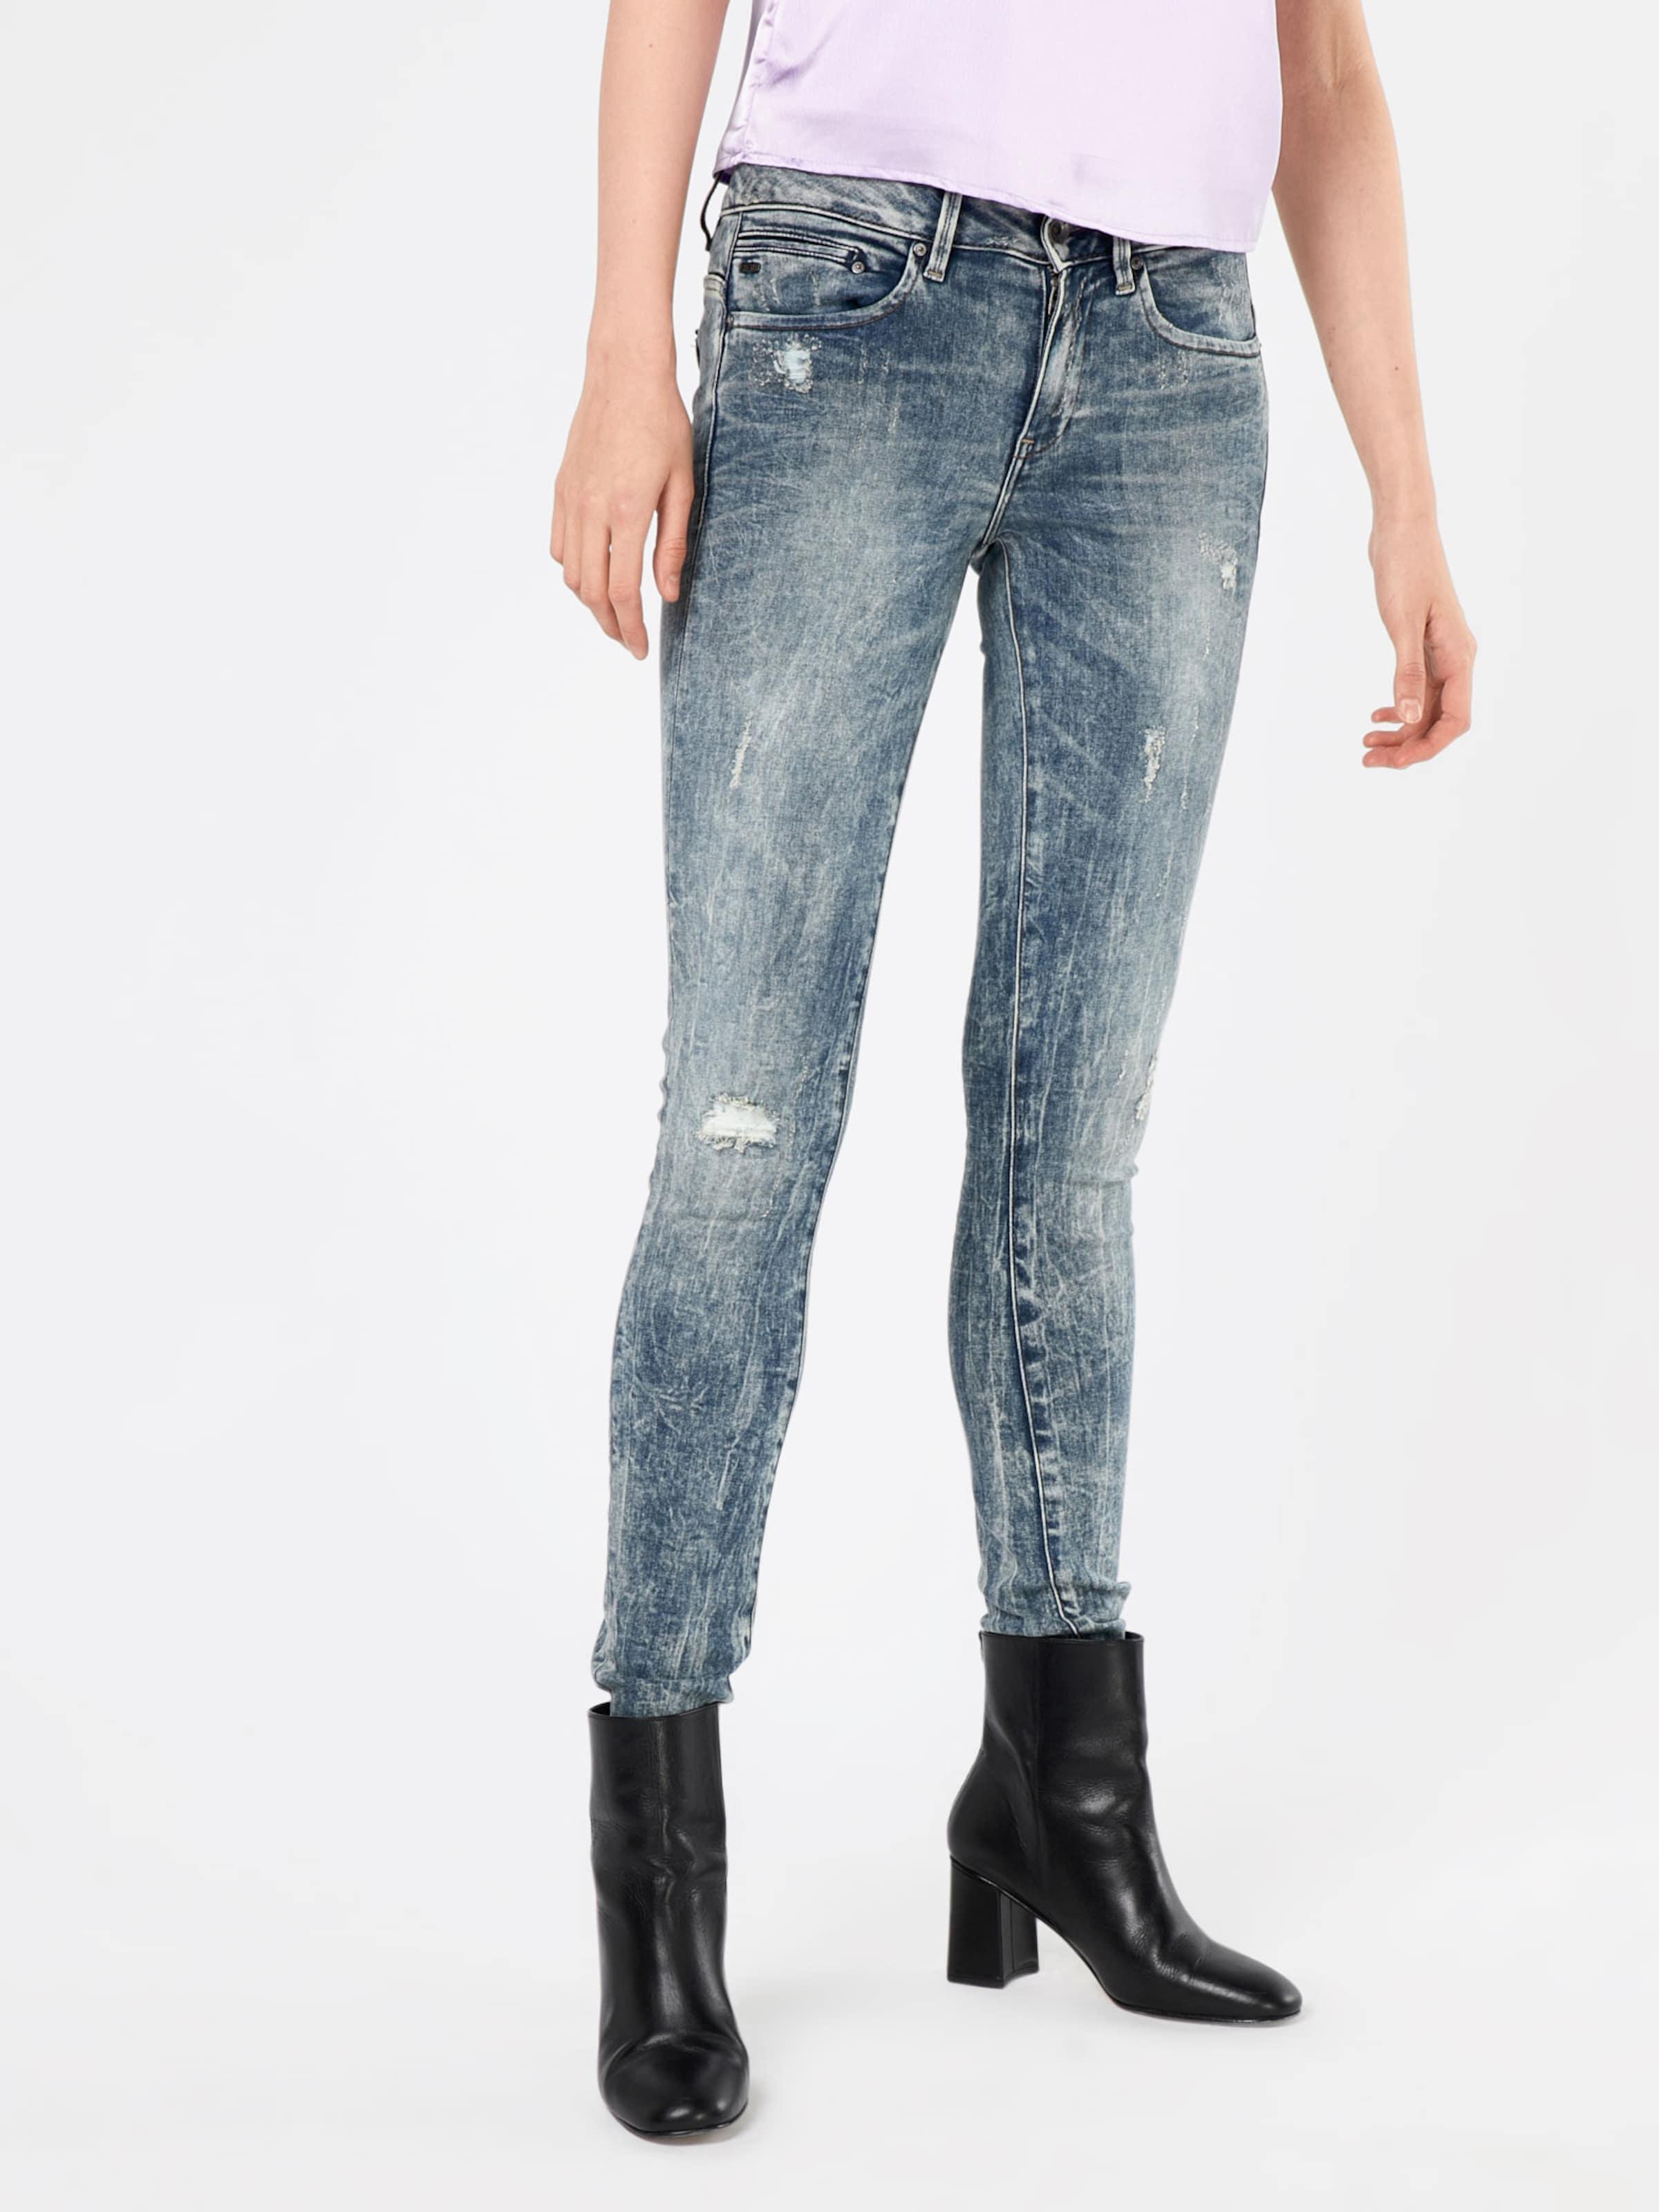 Denim Skinny Raw Zip' Jeans Blue star 'midge In G 4Rj3L5A